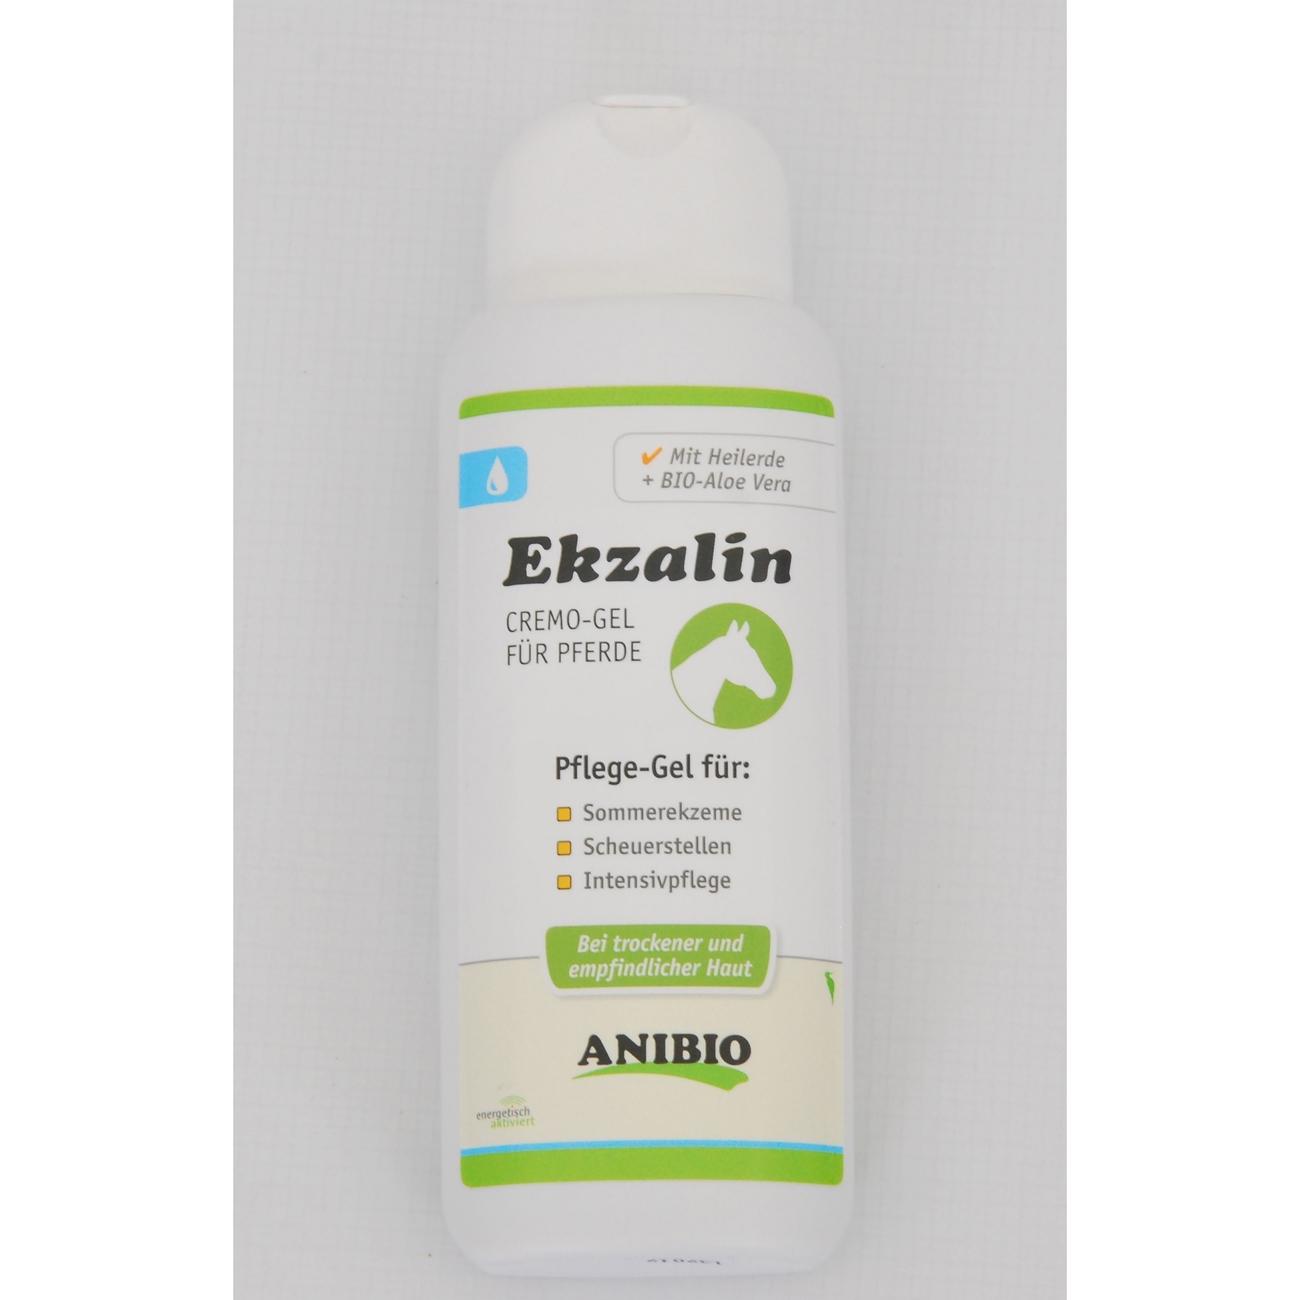 Anibio Ekzalin für Sommerekzem, 200 ml